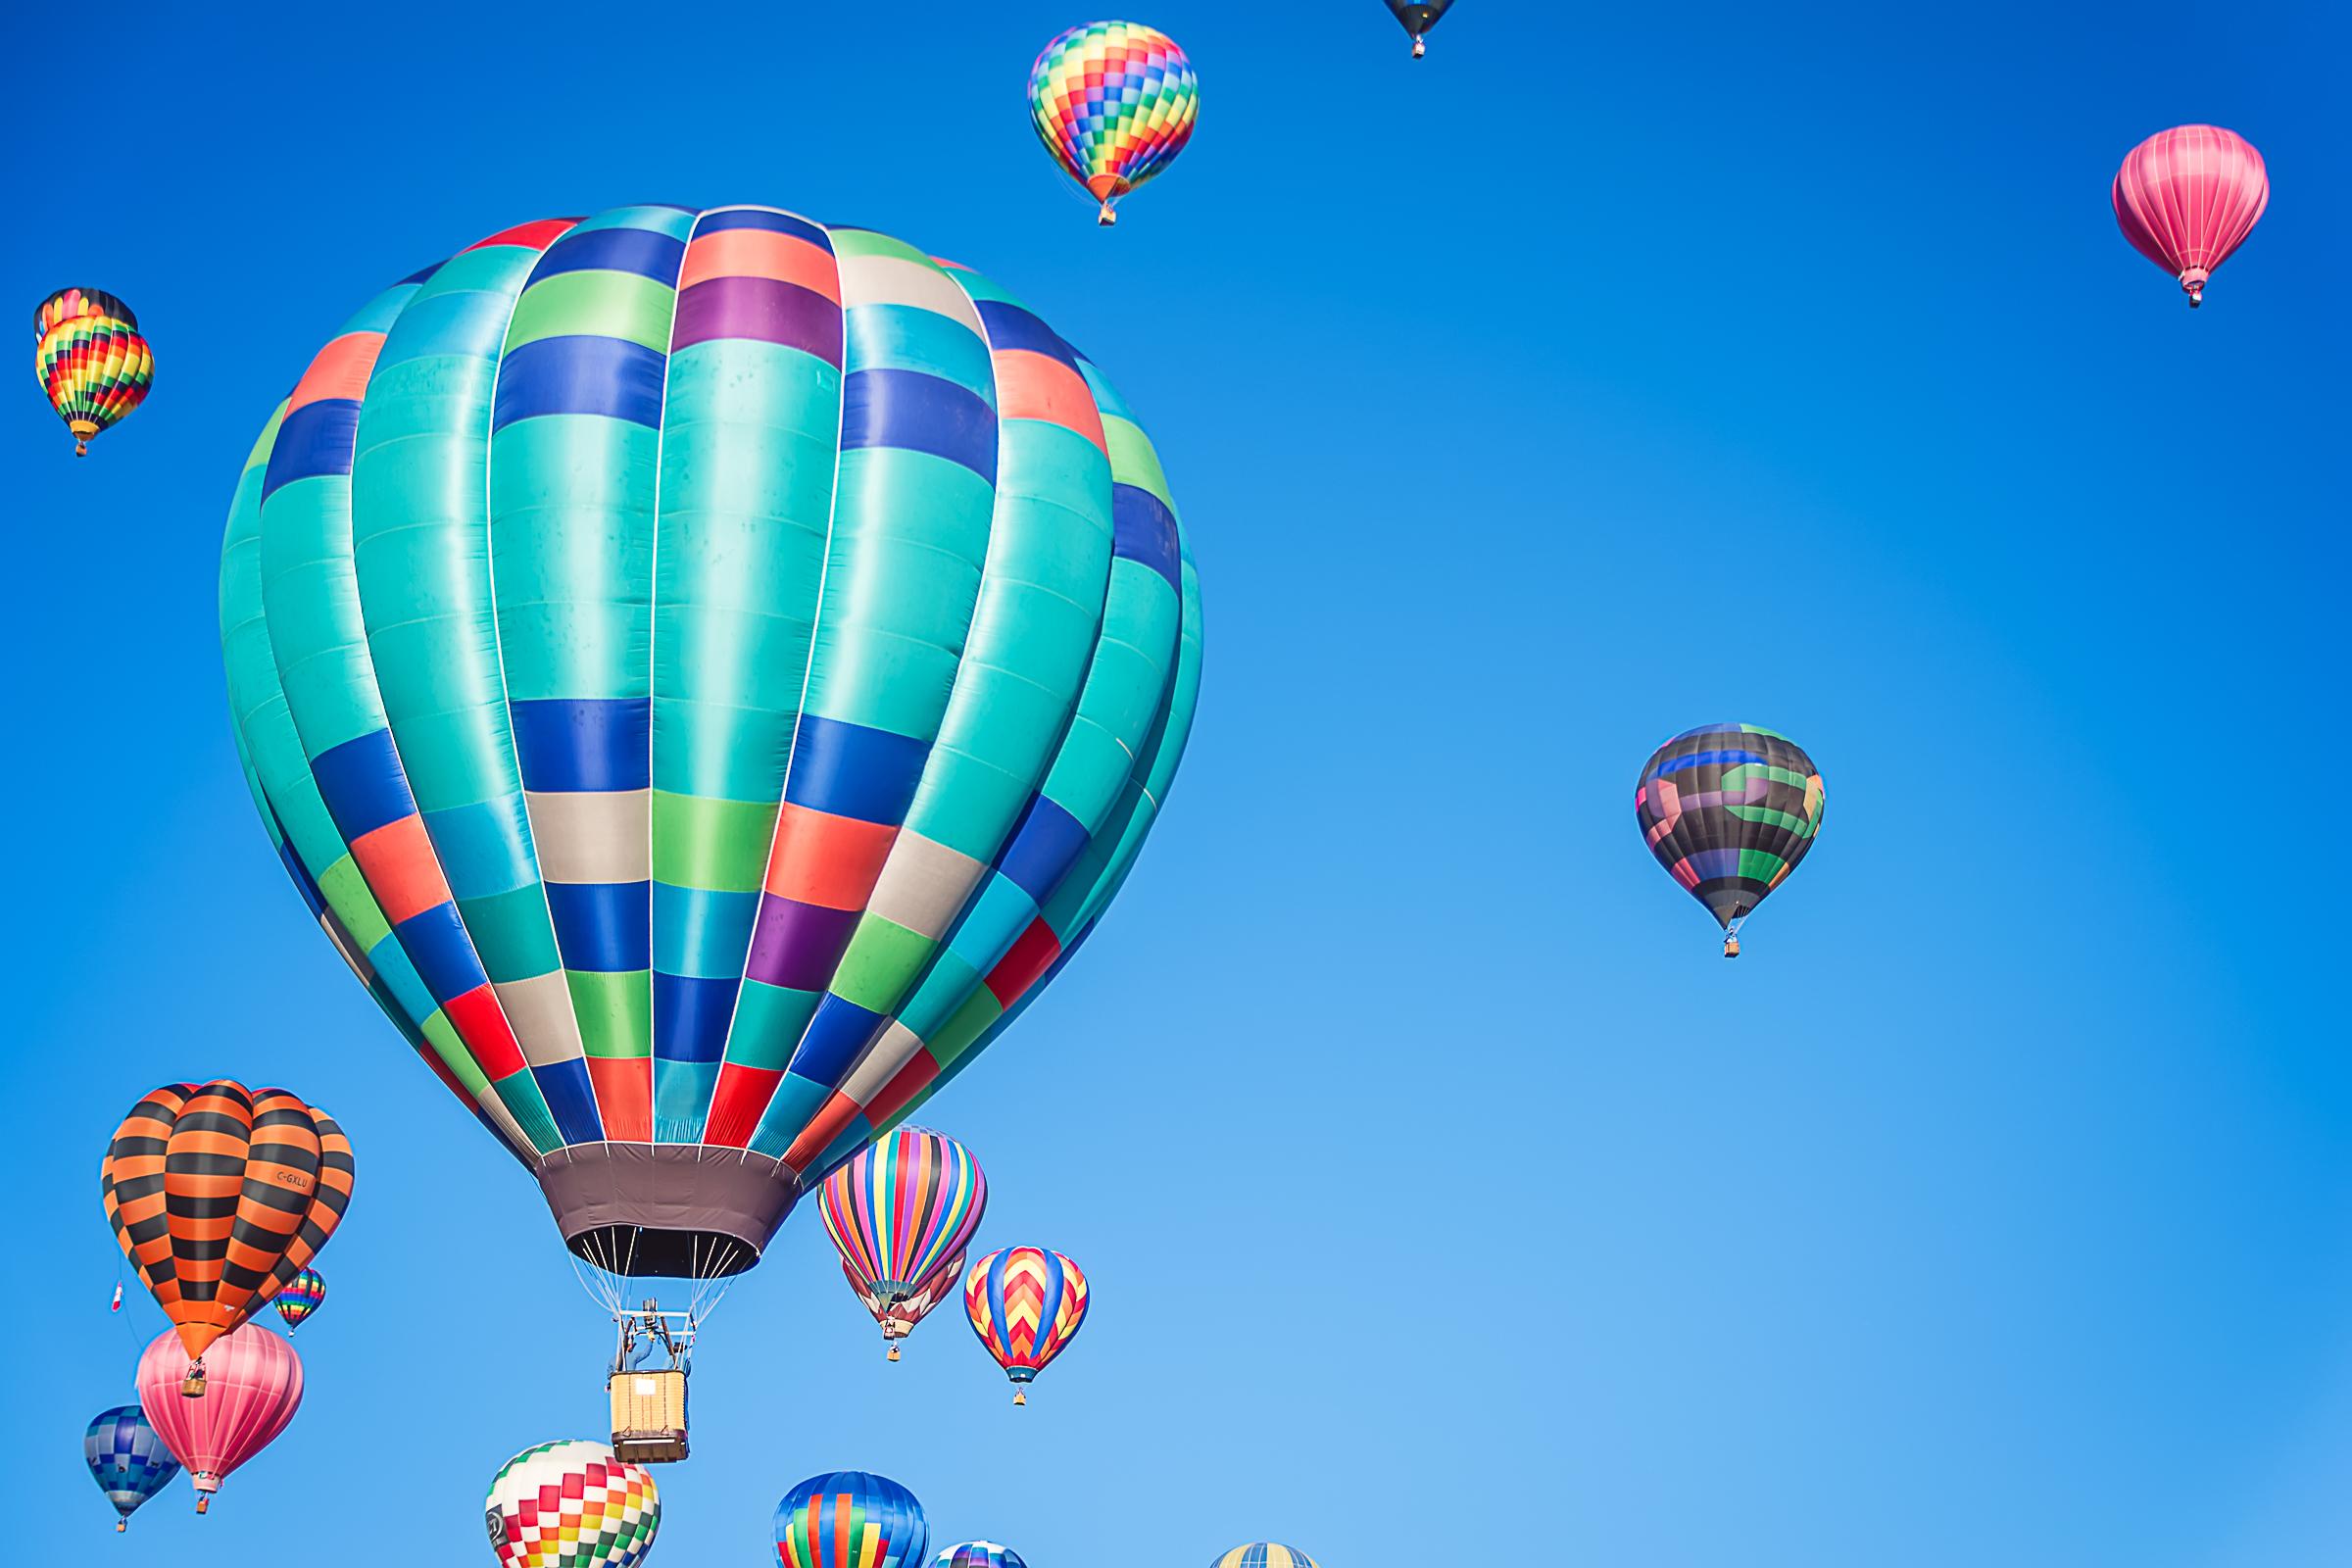 © Nicole Bradshaw Photography 2018; Albuquerque International Balloon Fiesta, Albuquerque, New Mexico, Albuquerque Photographer, Santa Fe Photographer, Rio Rancho Photographer, Los Lunas Photographer, Belen Photographer, Bernalillo Photographer